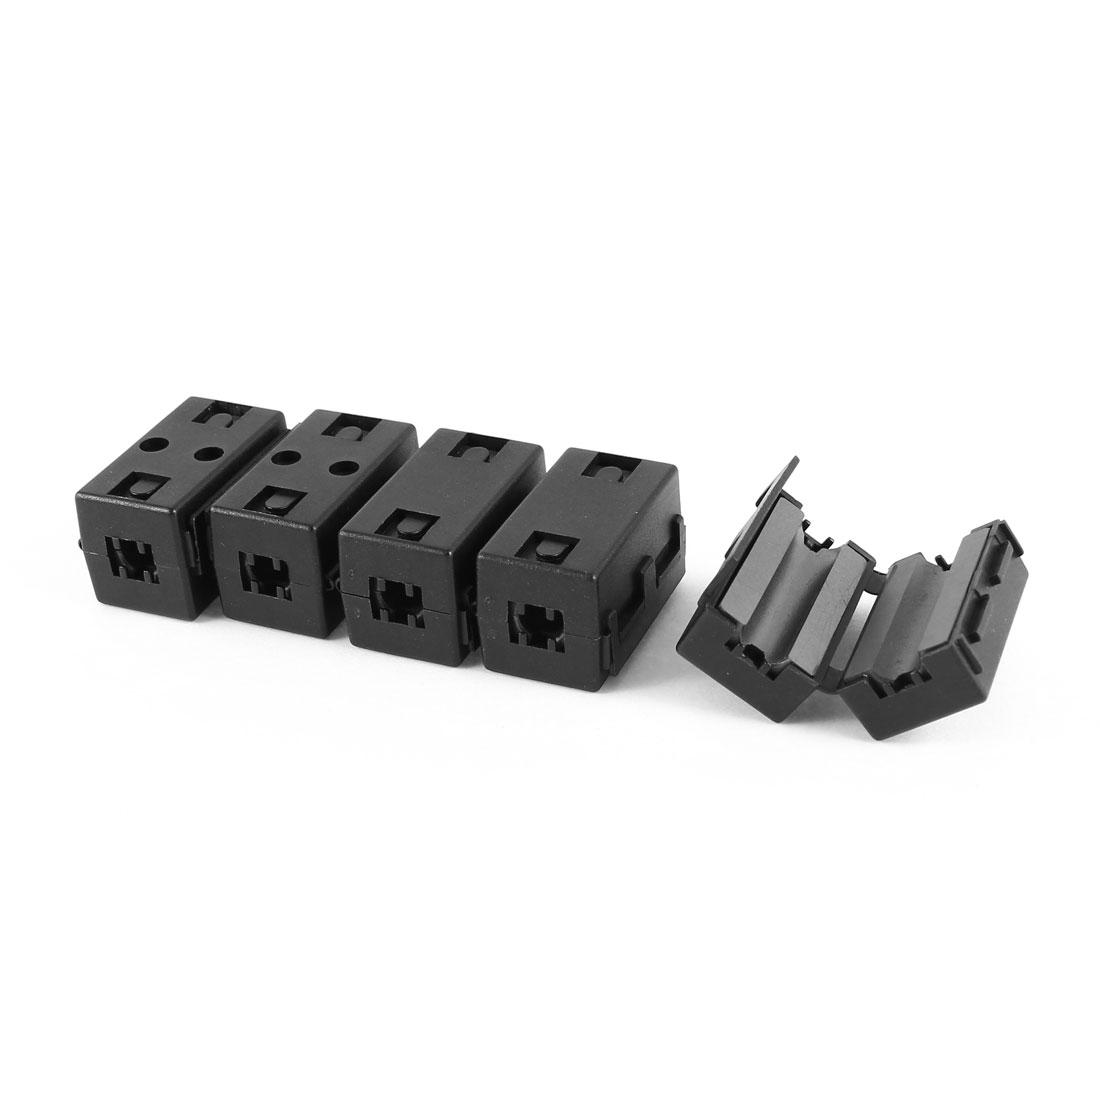 5Pcs 6.5mm Cable Hole Dia Clip On UF65B Ferrite Core Square Cable EMI Noise Suppressor Filter Black